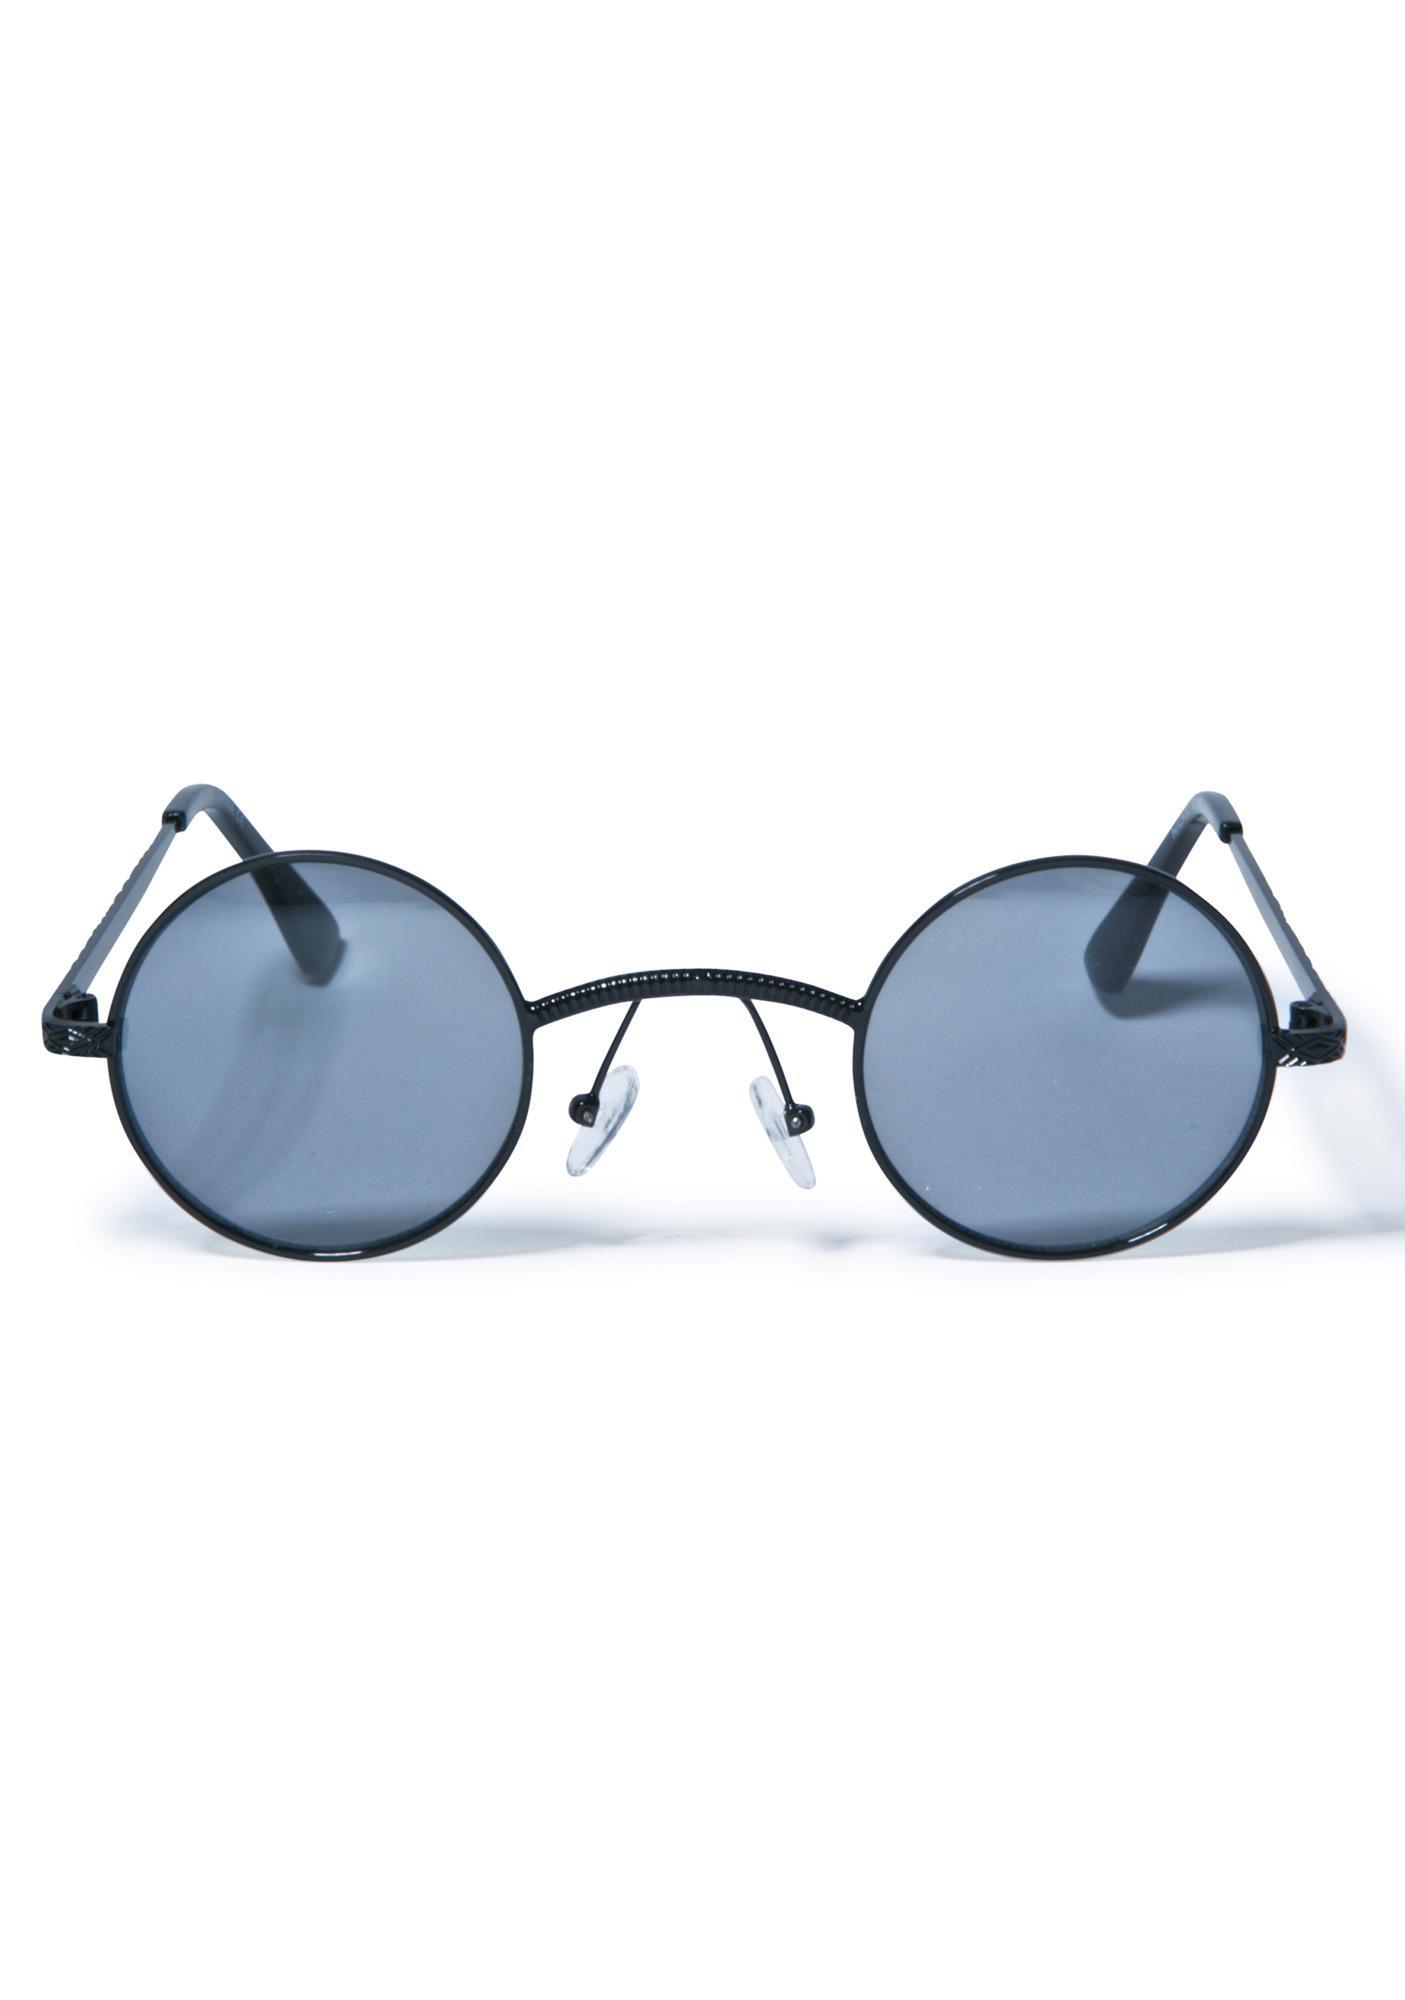 Tufa Sunglasses